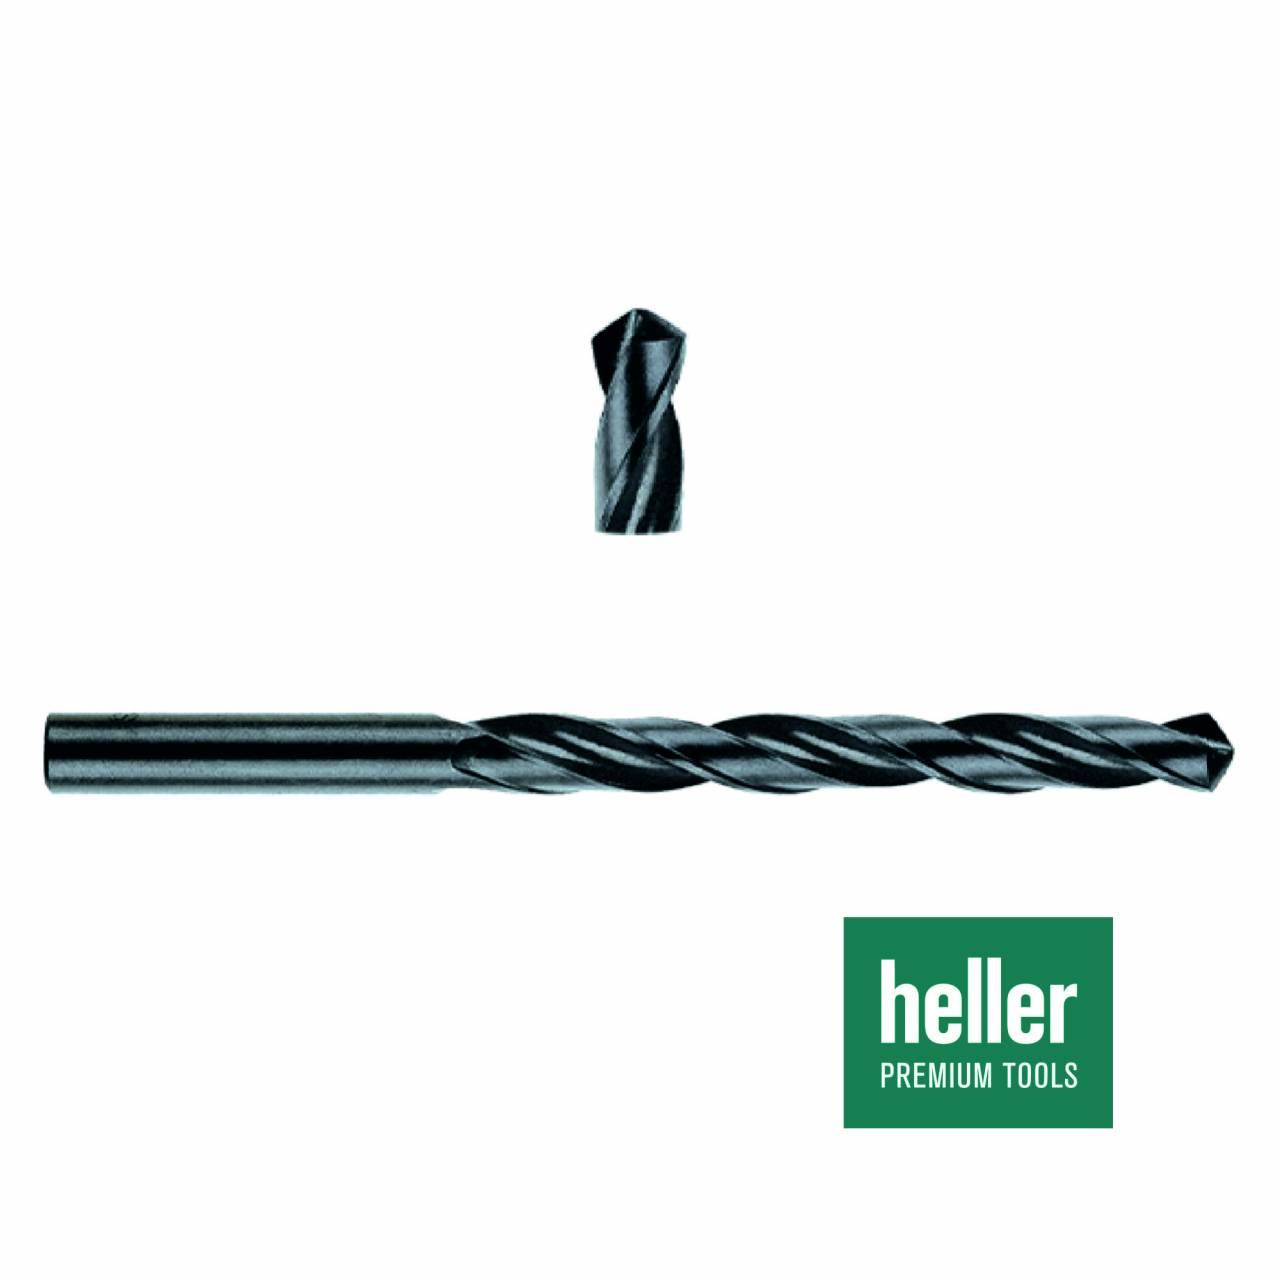 Stahlbohrer HSS-R 'Heller®' Ø 4,5 x 47 x 80 mm / Pck a 2 Stück